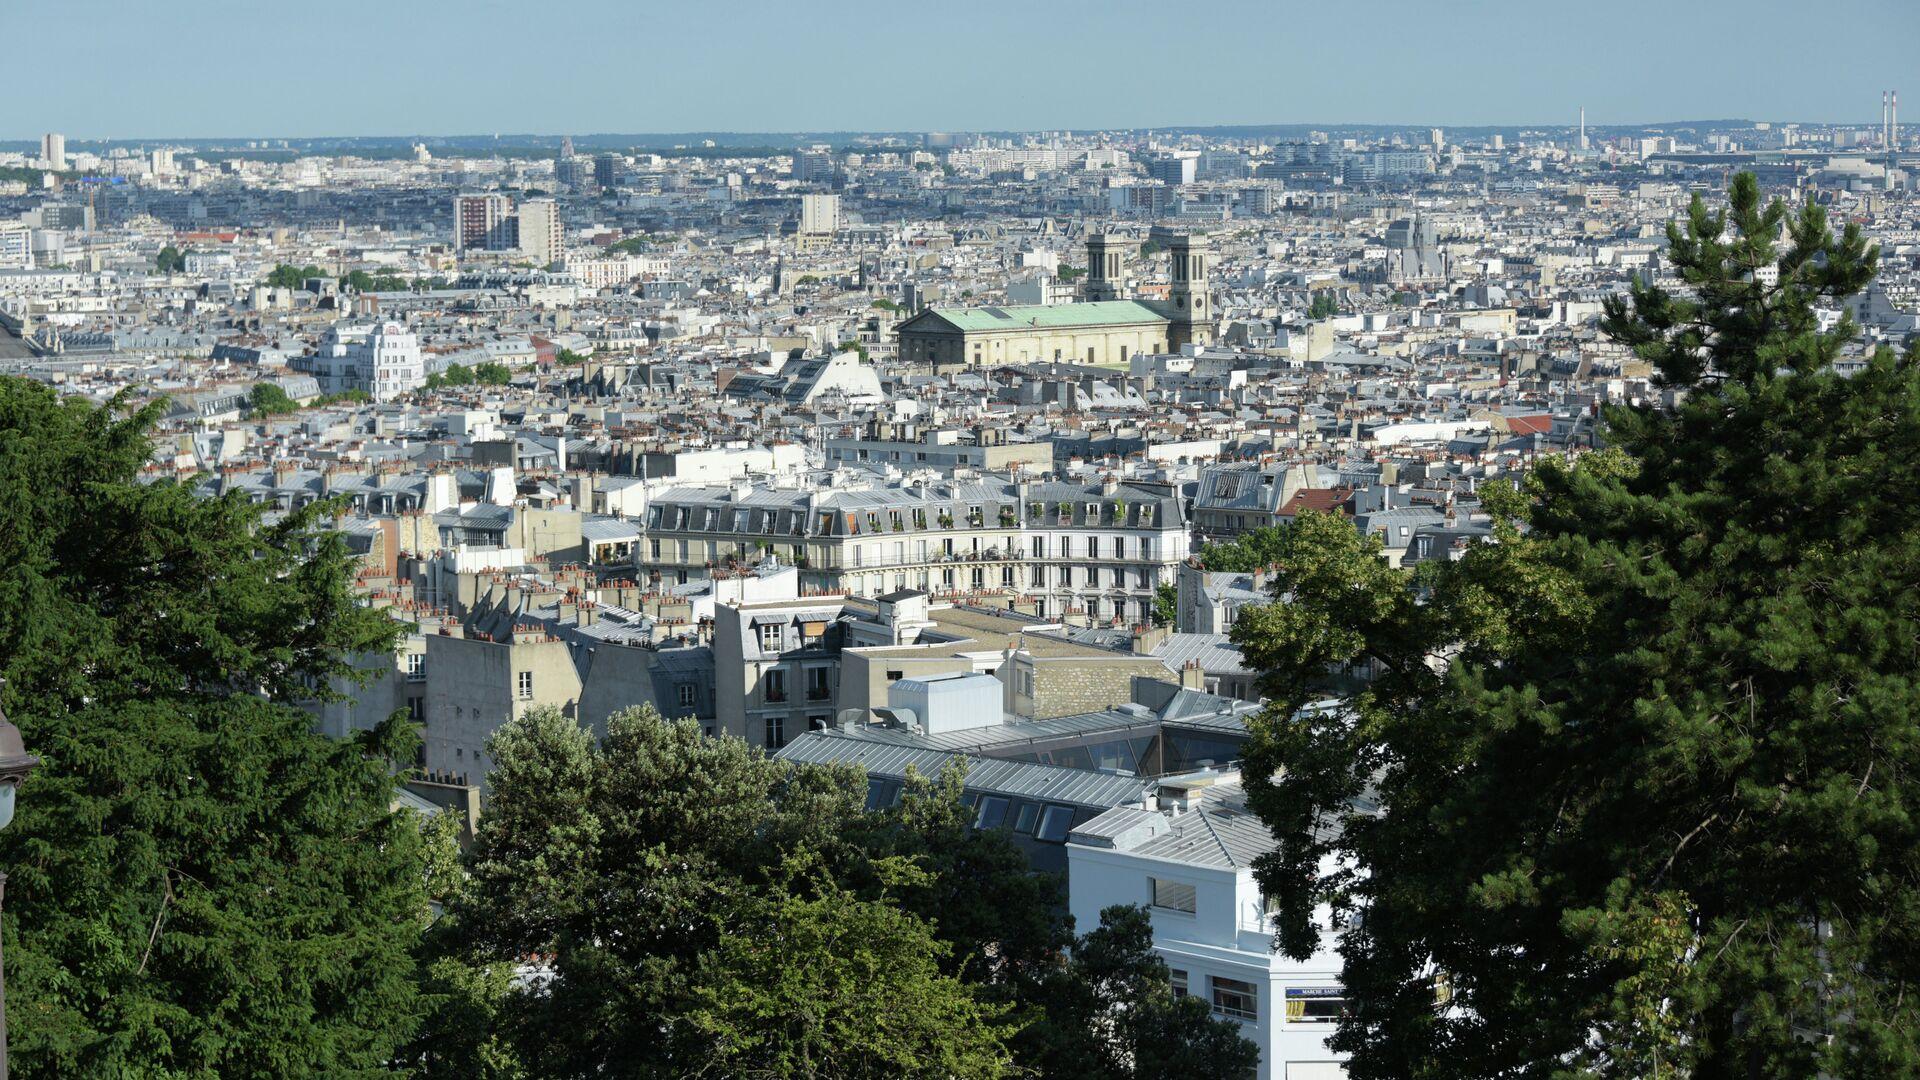 Вид на Париж с холма Монмартр - РИА Новости, 1920, 27.09.2021